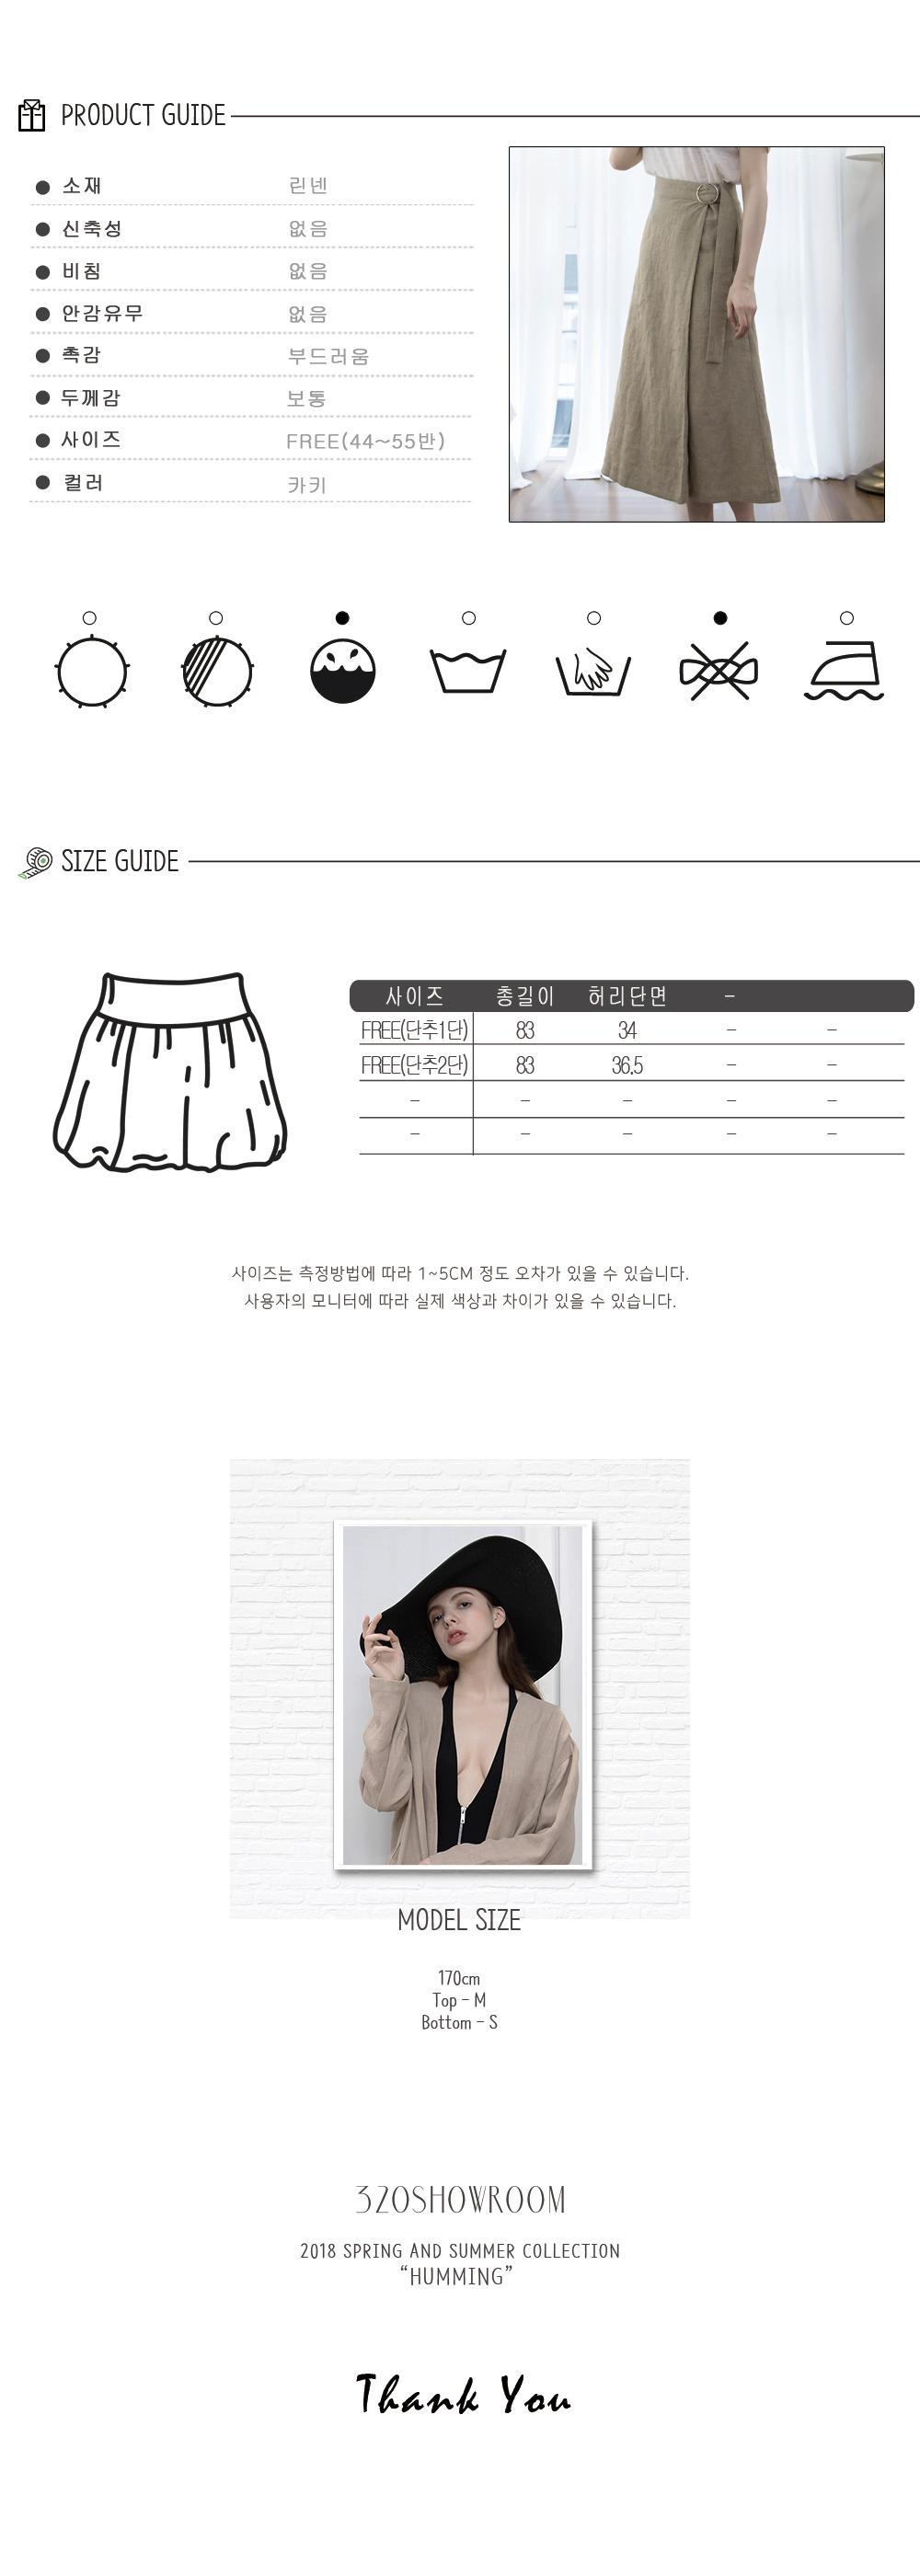 linen-set-SK_KK_DETAIL3.jpg